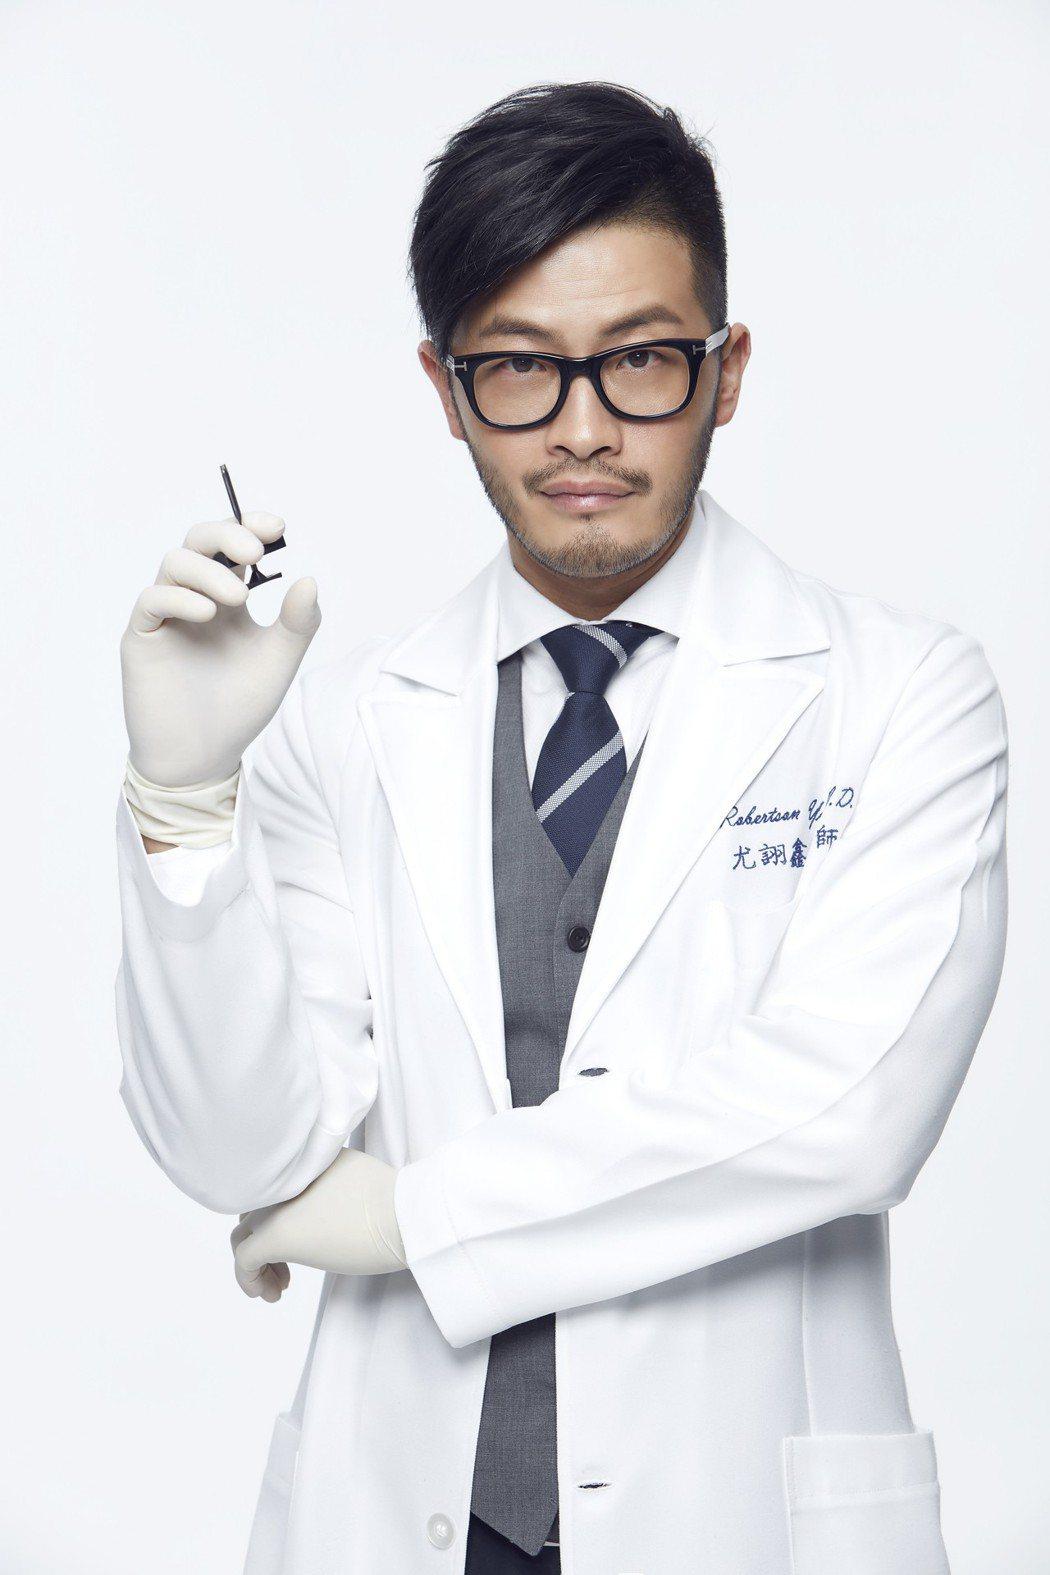 尤詡鑫醫師。